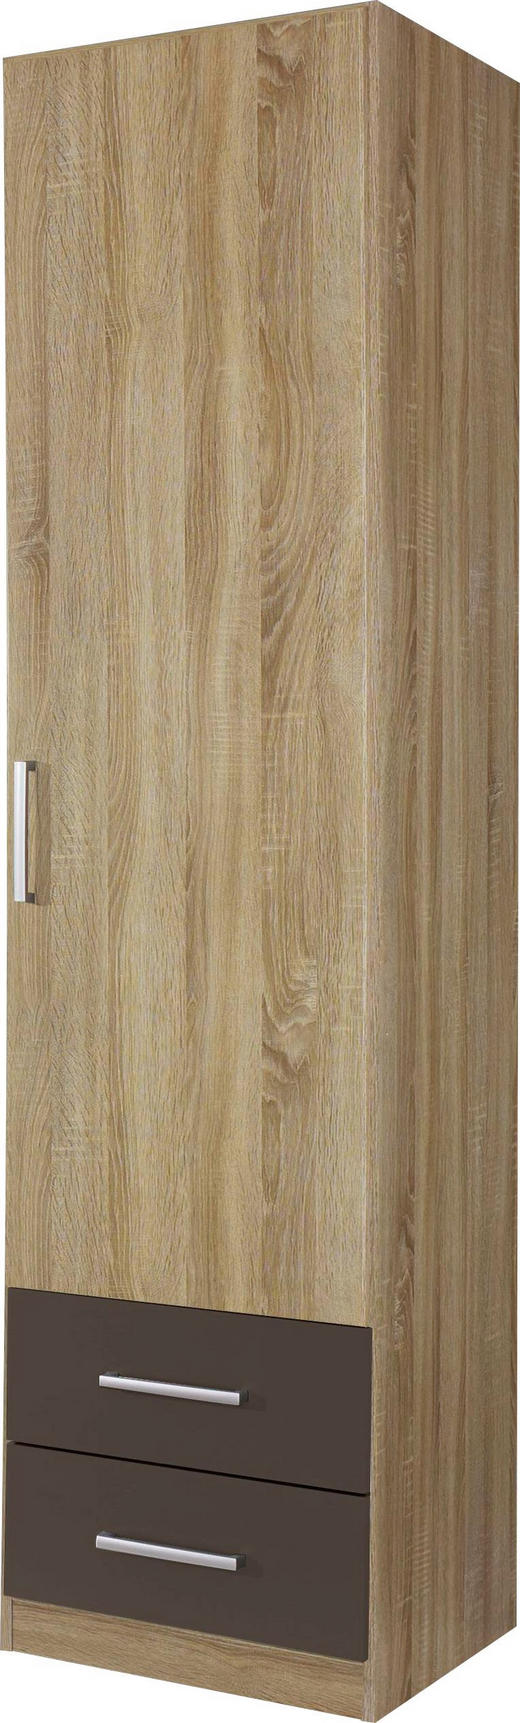 DREHTÜRENSCHRANK 1-türig Eichefarben, Grau - Eichefarben/Silberfarben, Design, Holzwerkstoff/Kunststoff (47/197/54cm) - Carryhome